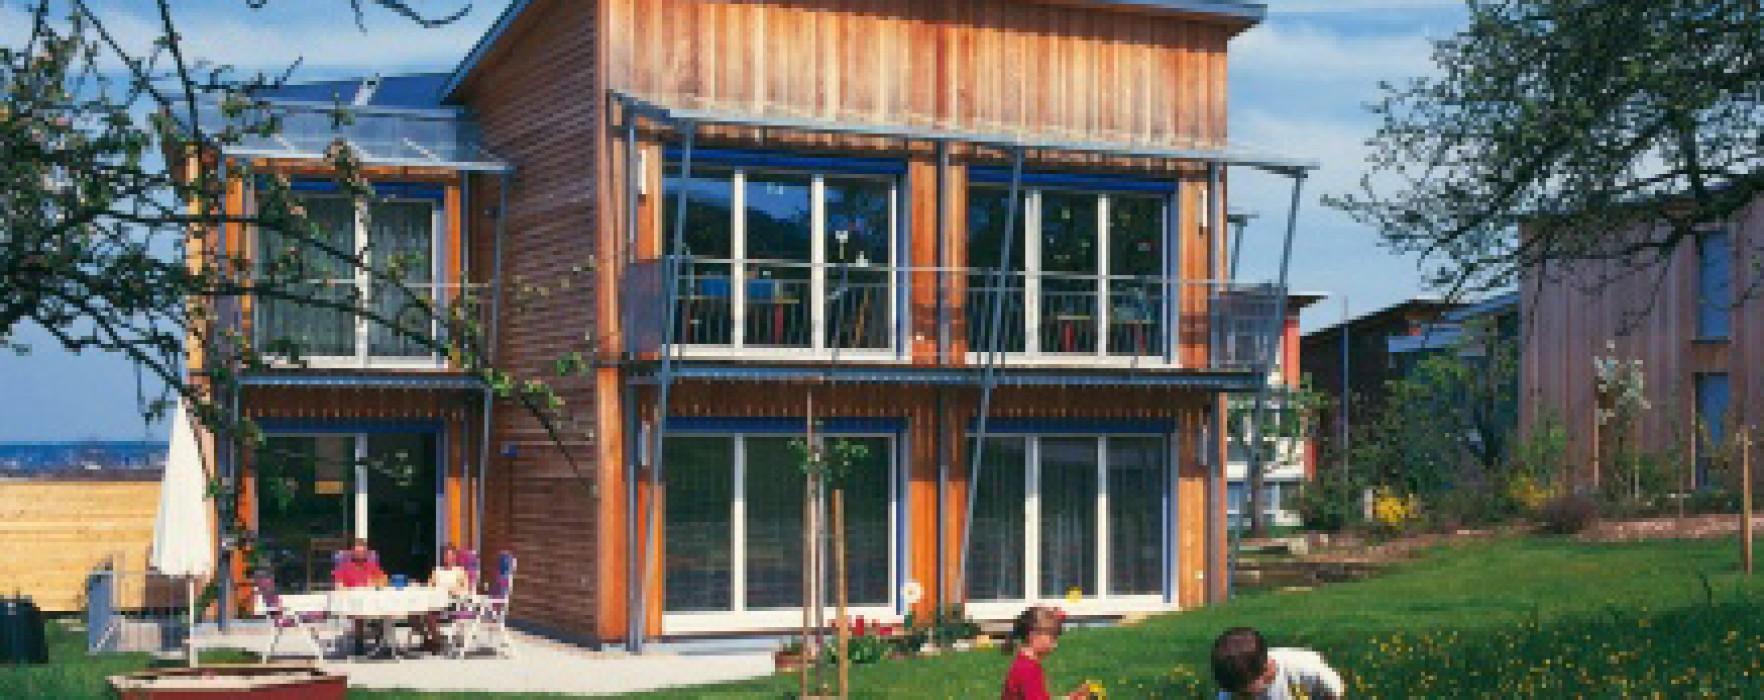 Case in legno casaclima antisismiche for Case di legno tedesche